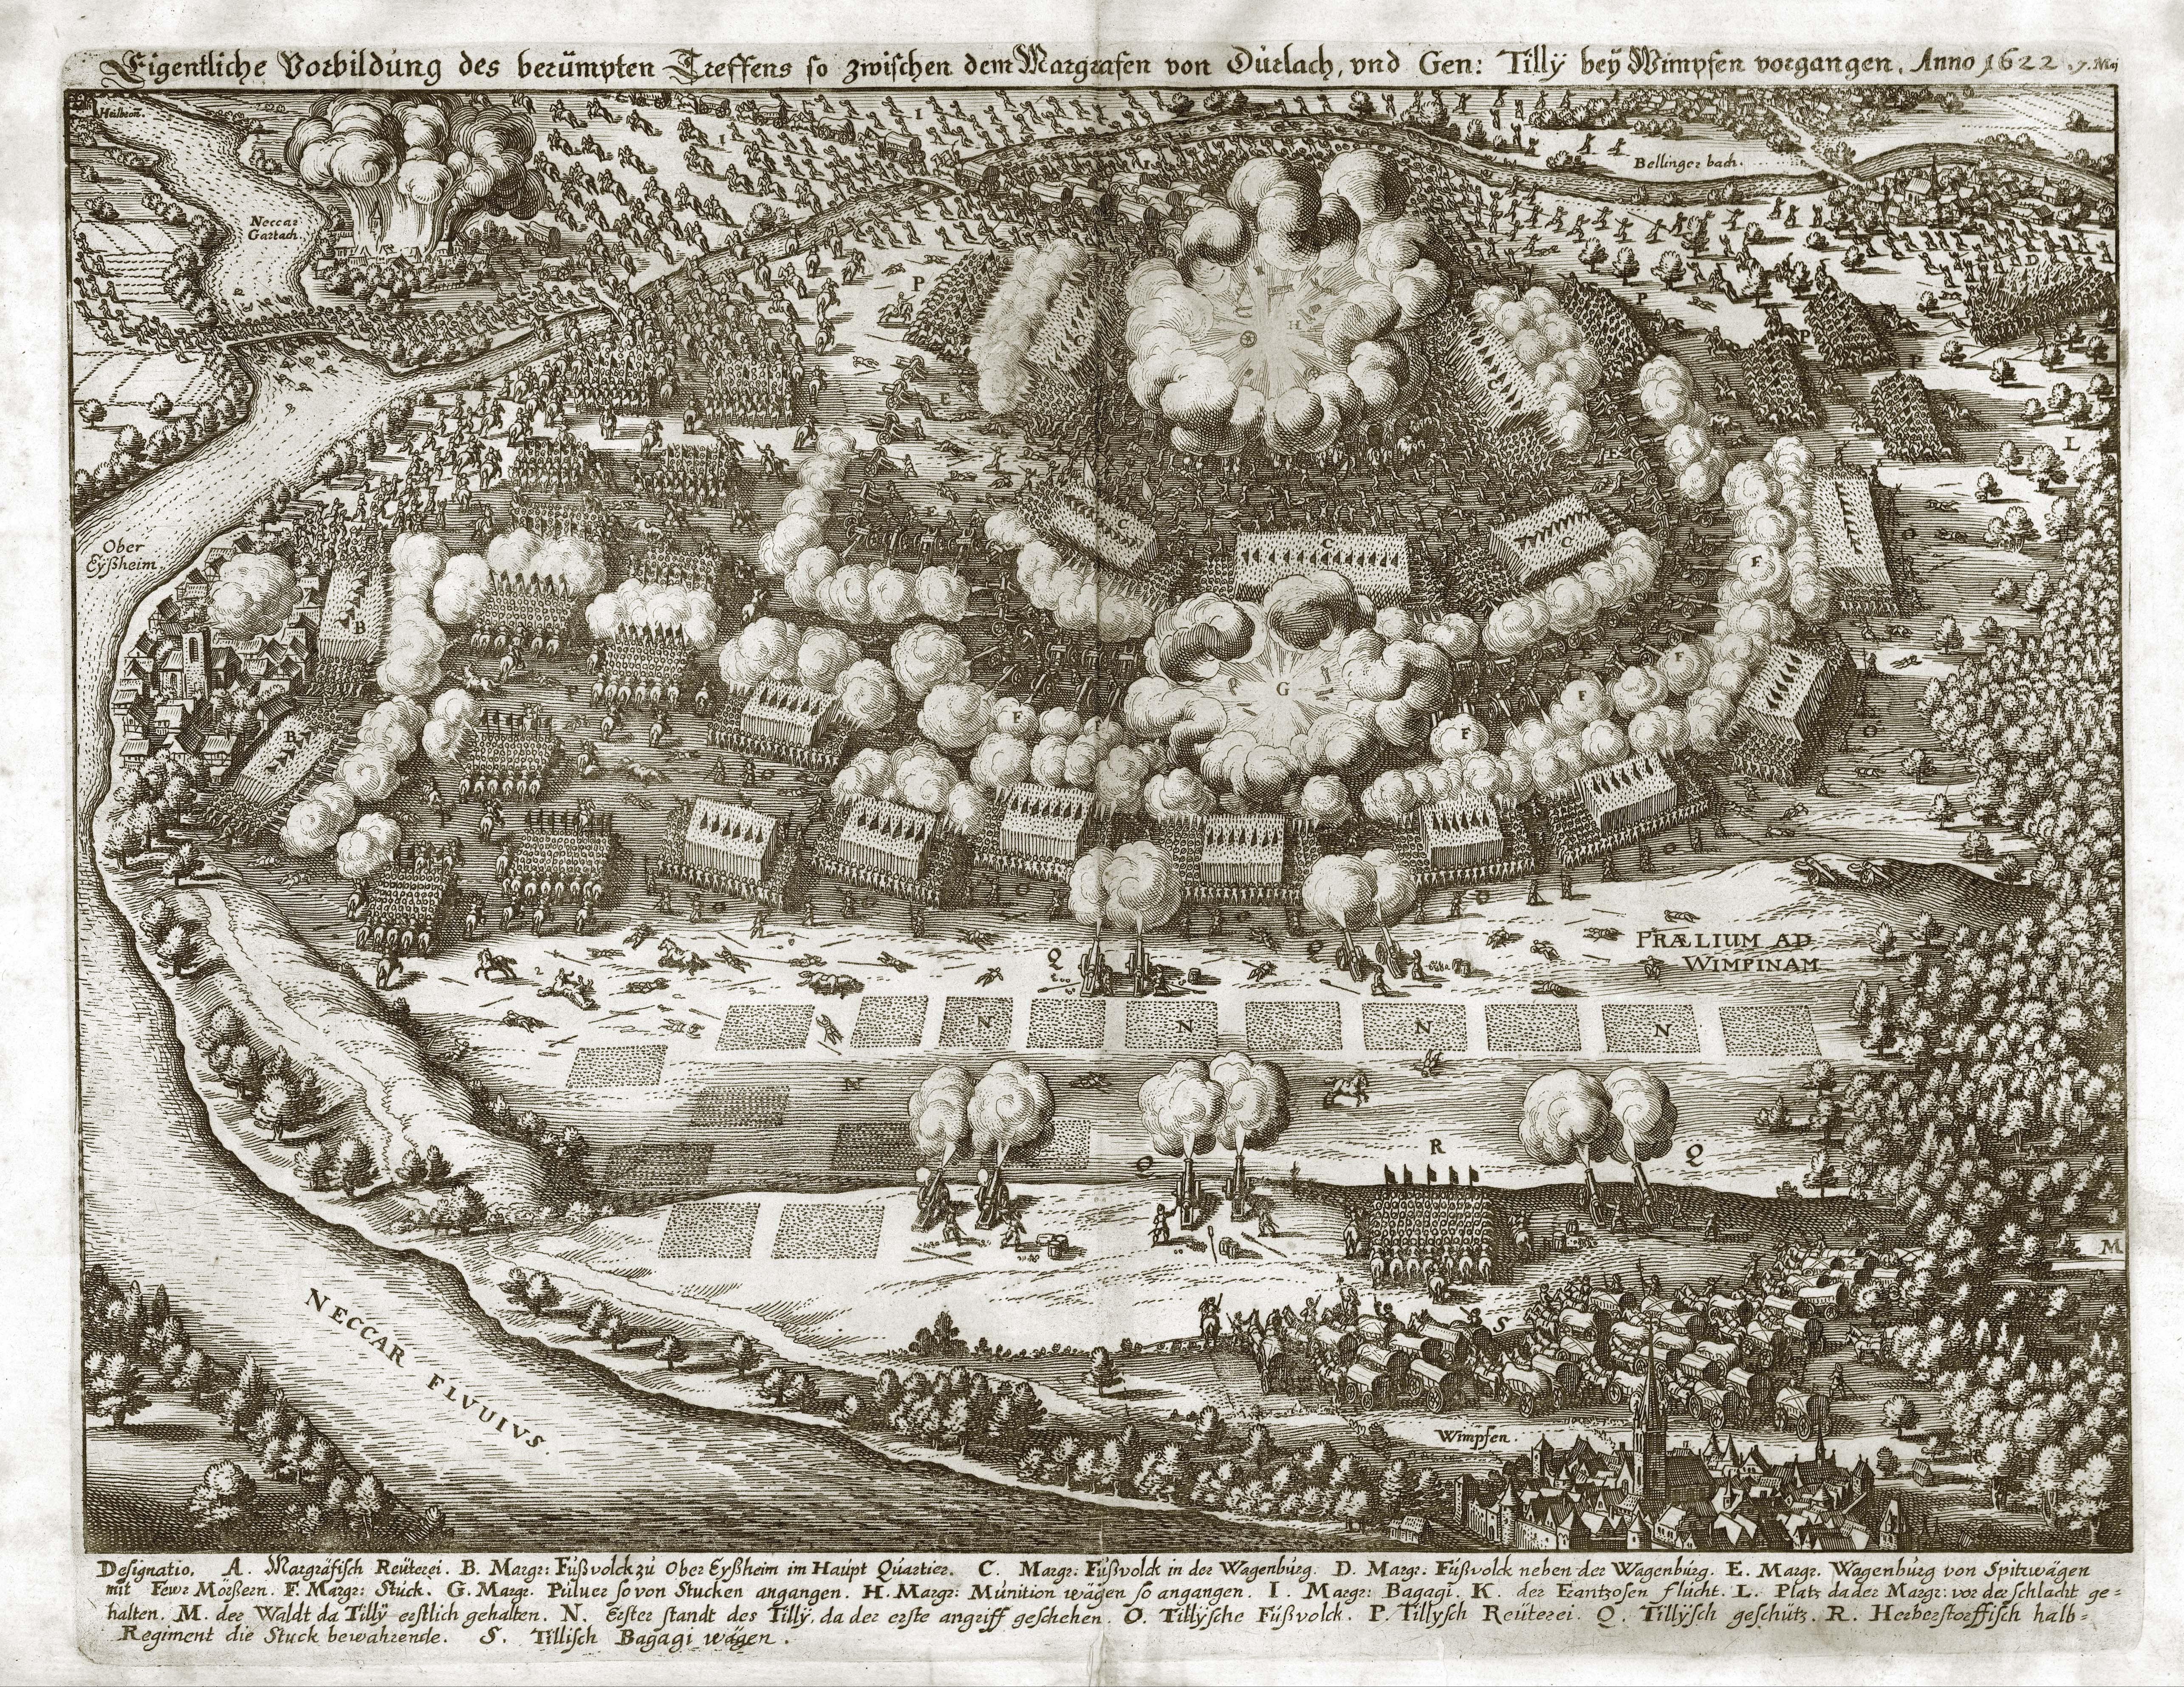 File:Merian Theatrum Europaeum Schlacht bei Wimpfen 1622.jpg